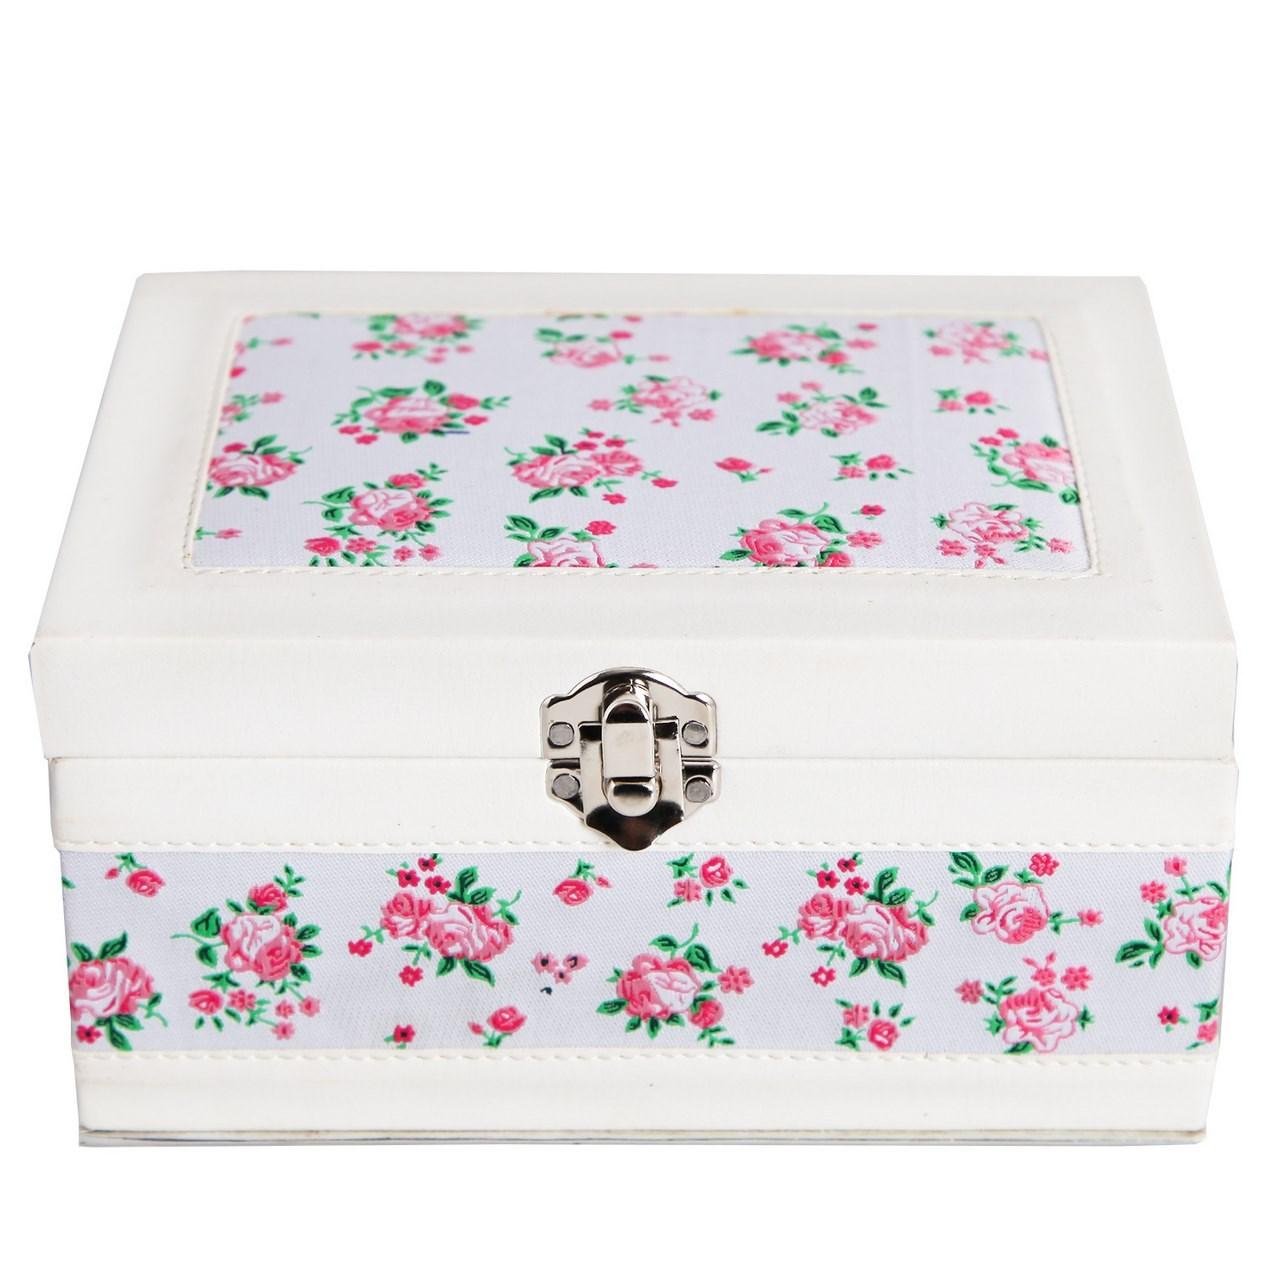 جعبه آرایش گالری طهرانی کد 191029